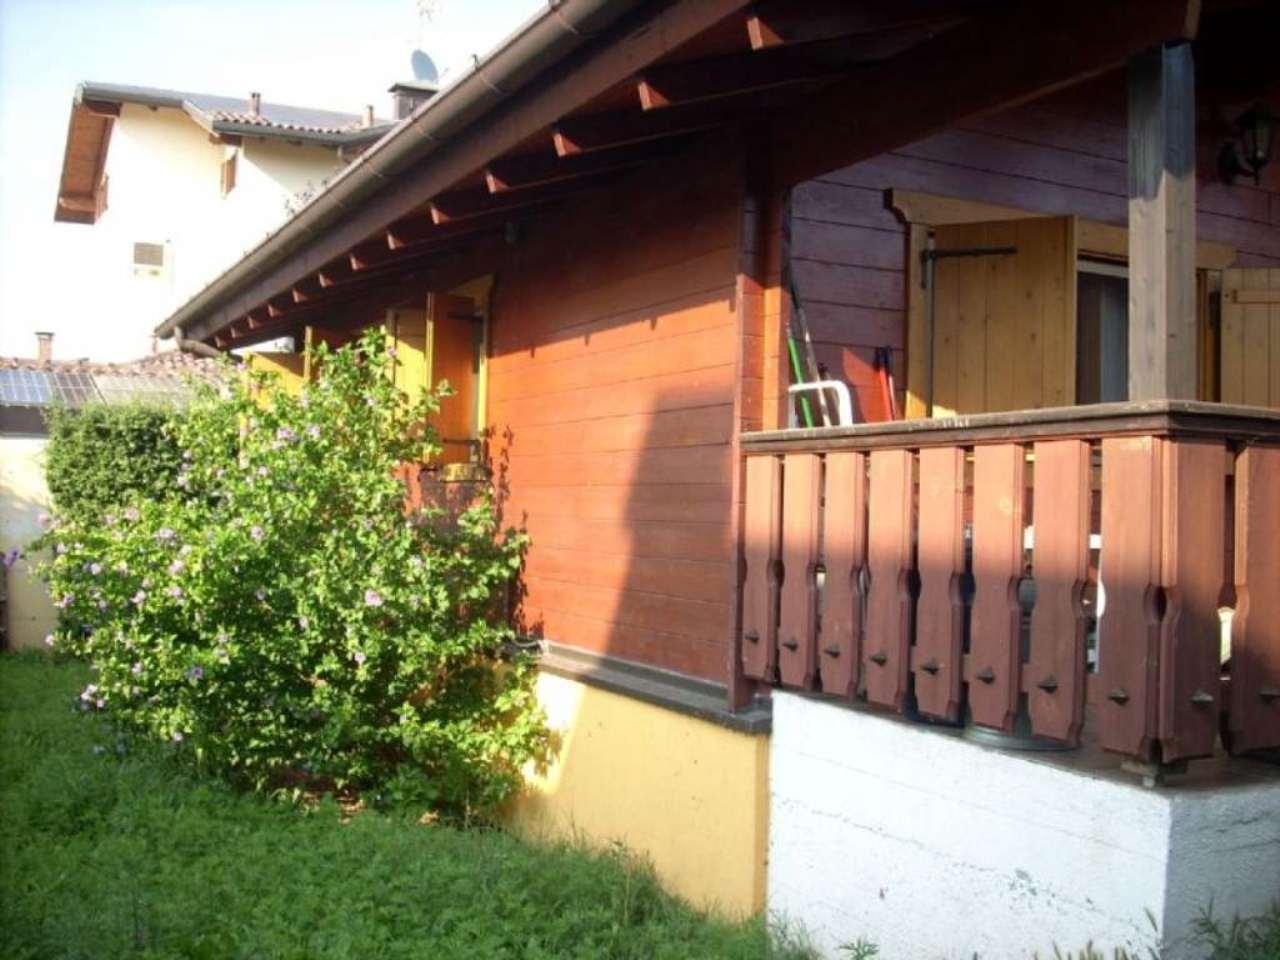 Villa in vendita a Buscate, 3 locali, prezzo € 145.000 | CambioCasa.it